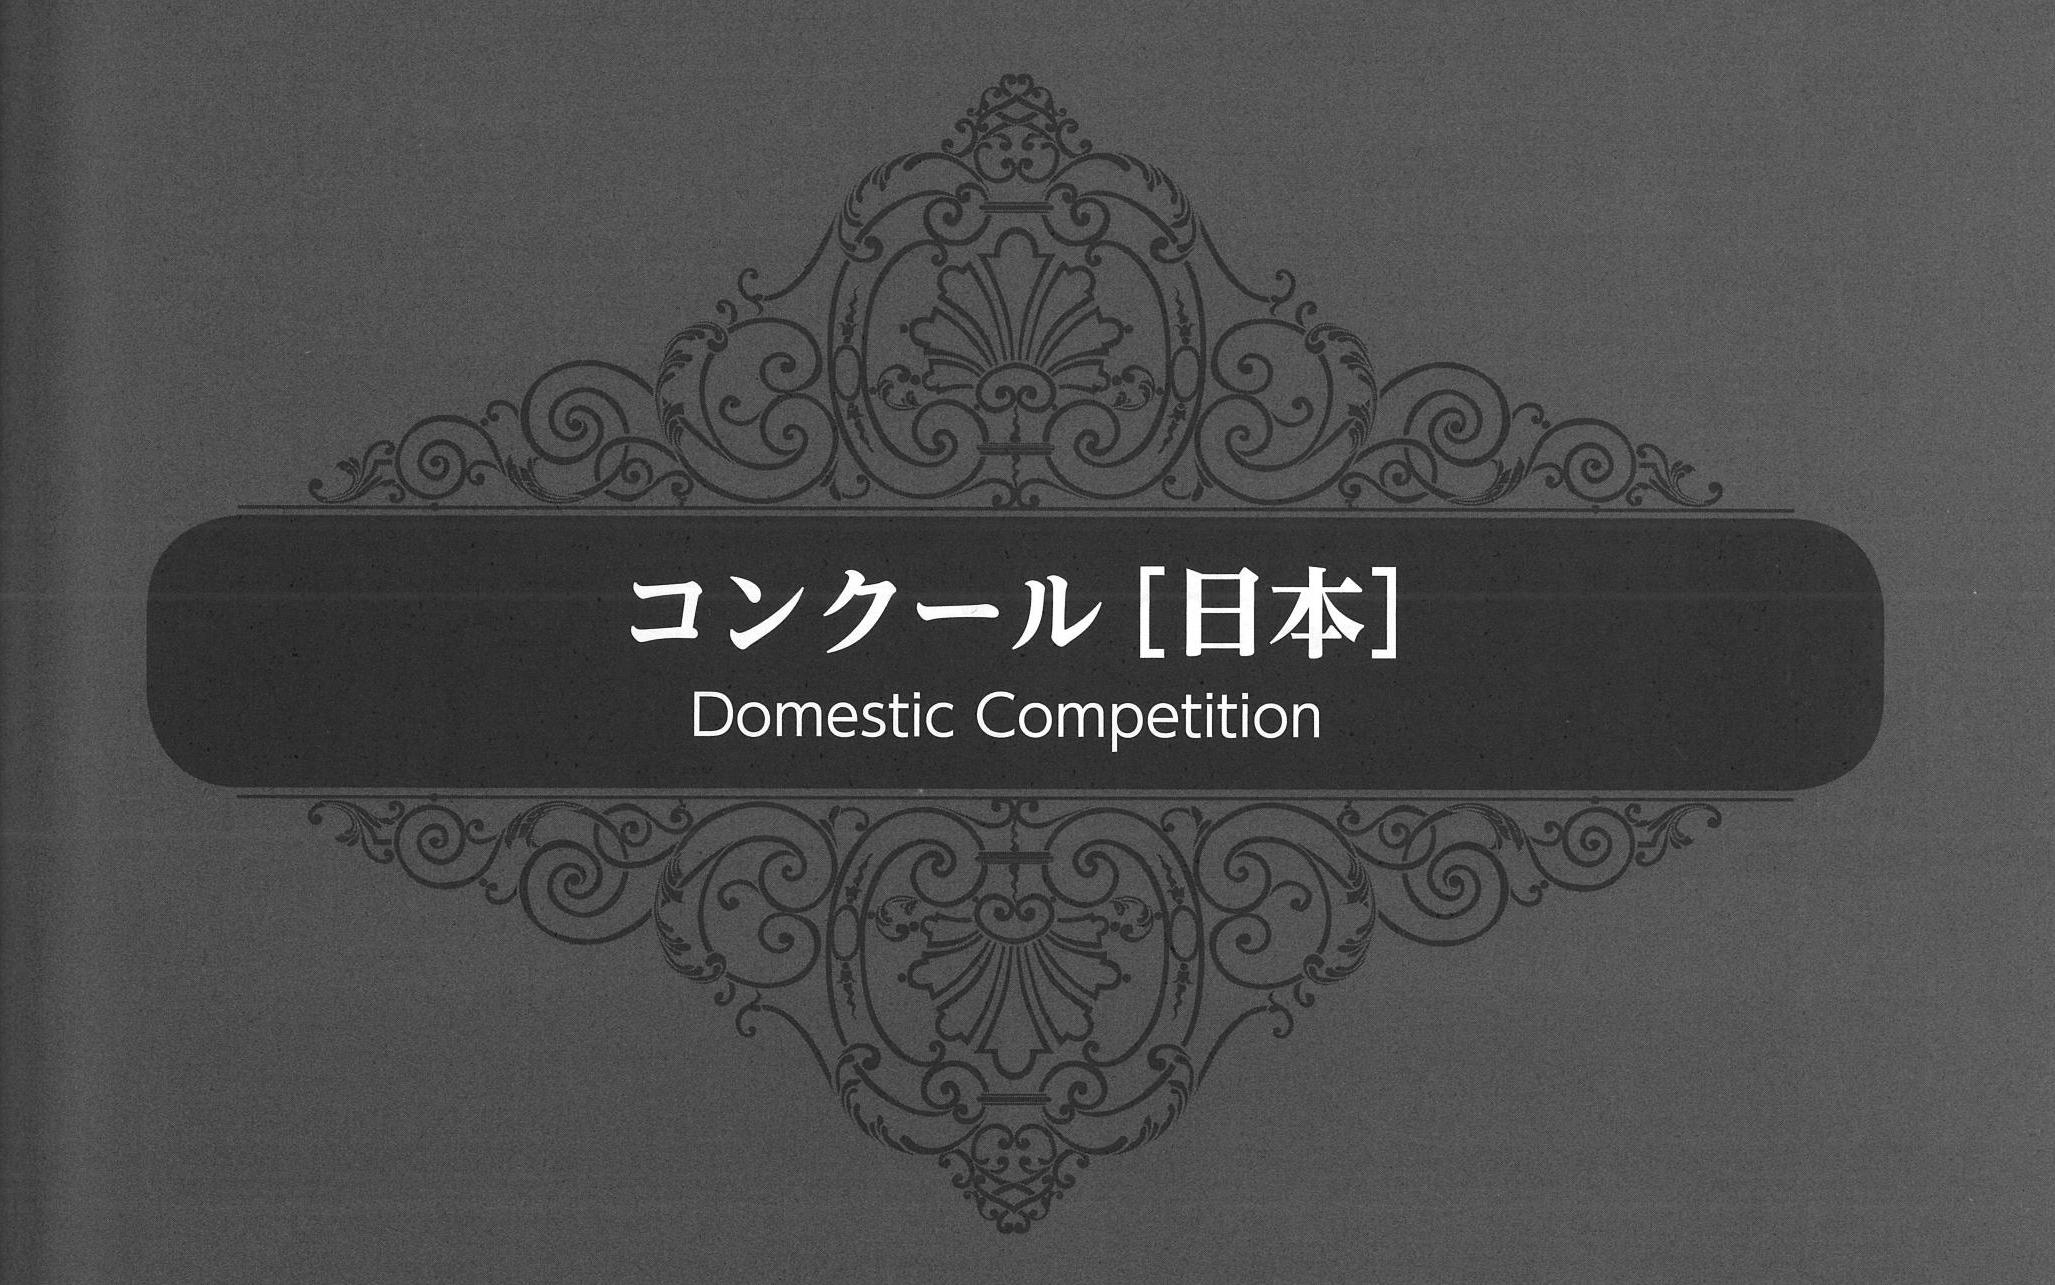 アマチュア第22回阪神淡路大震災復興記念 KOSMAソロ管楽器コンクール